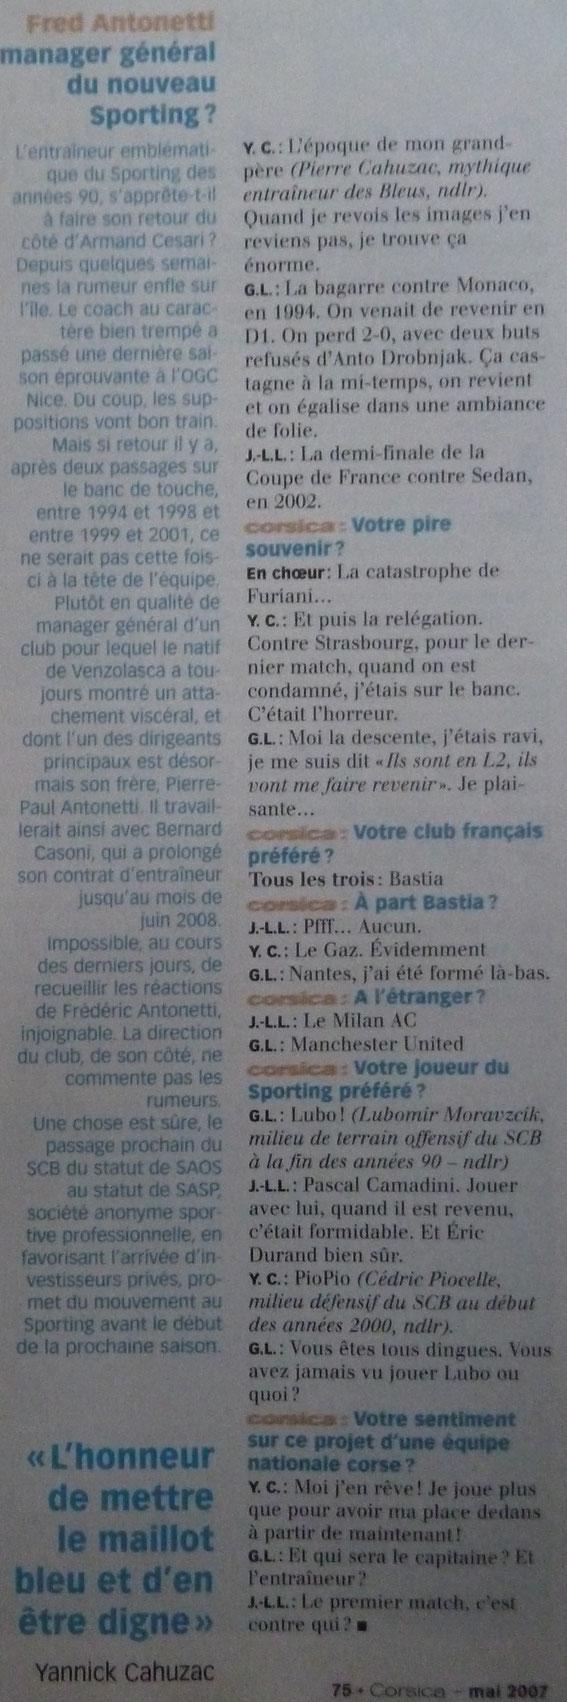 Magazine Corsica Mai 2007